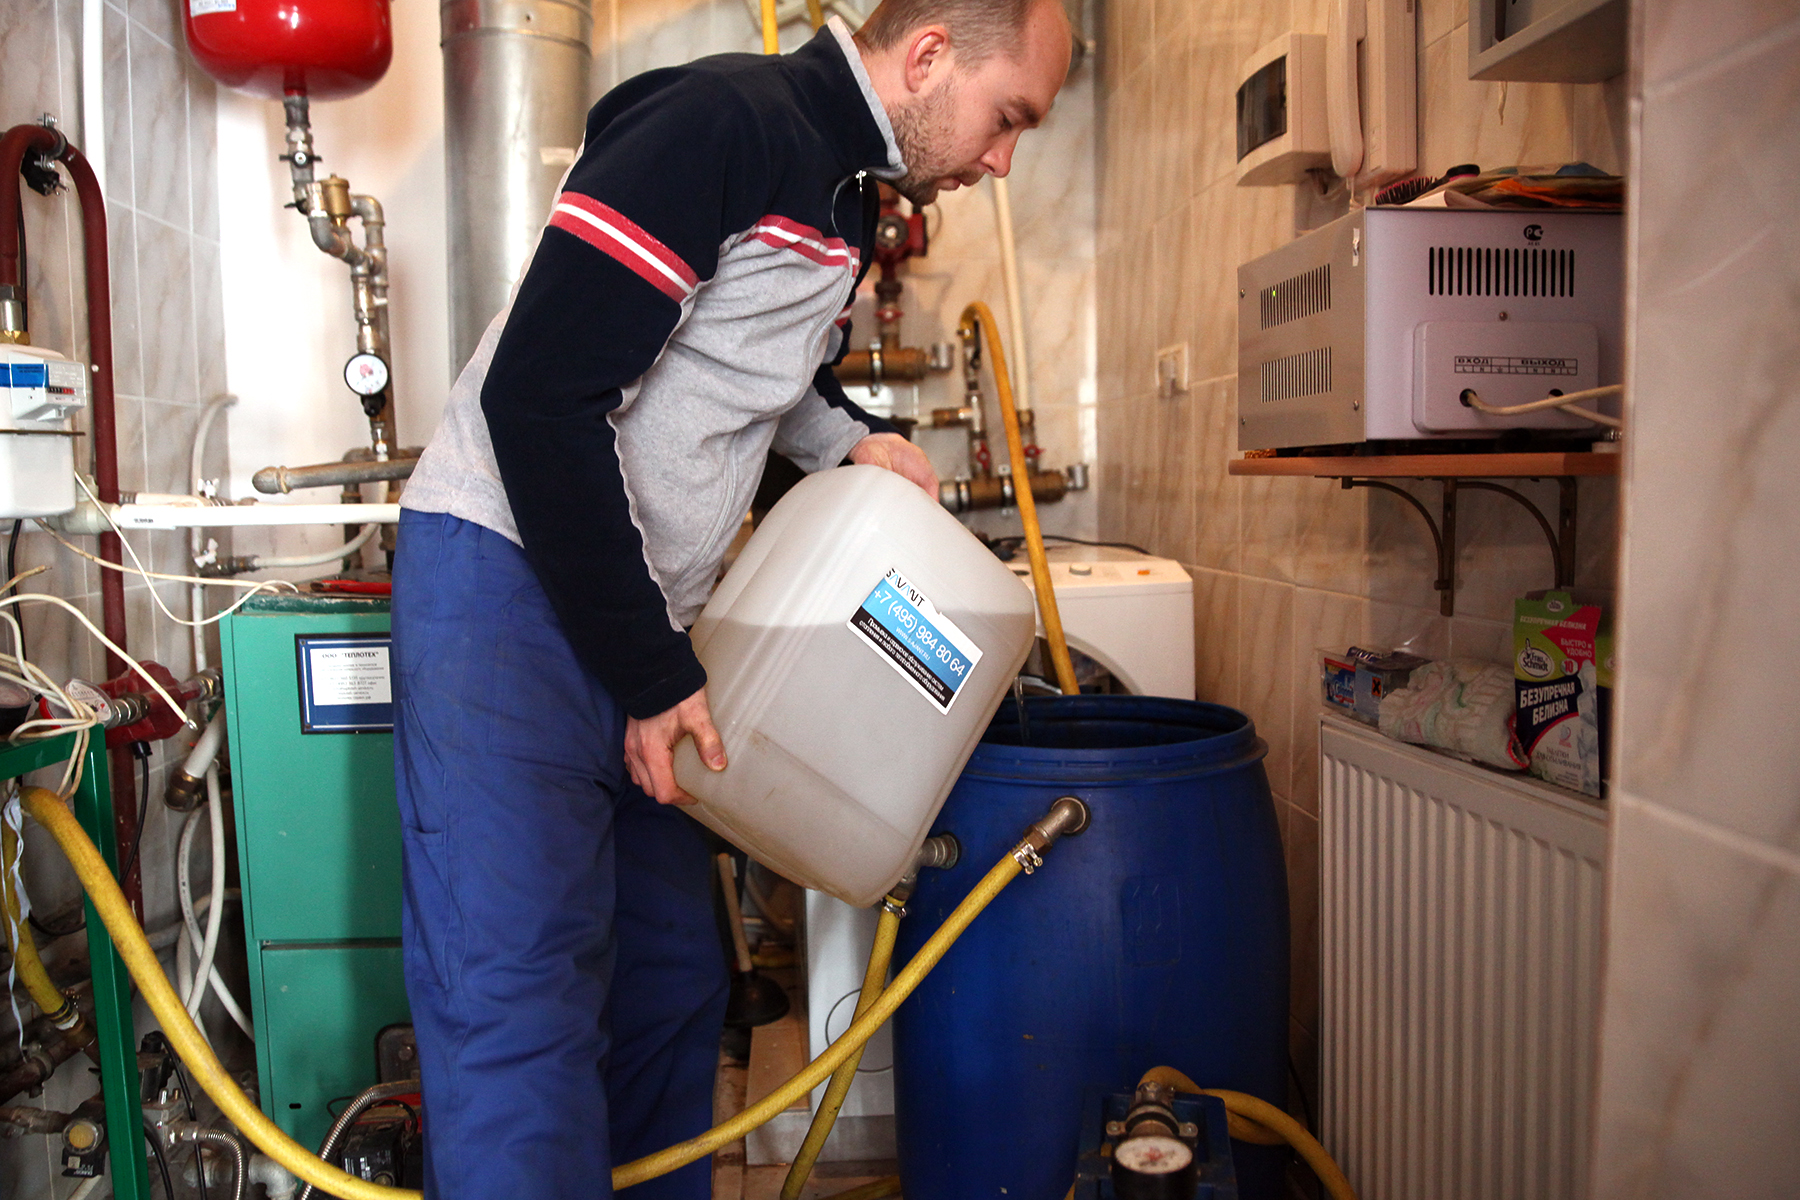 Промывка и опрессовка системы отопления: инструкция для промывки опрессовки систем отопления водоснабжения